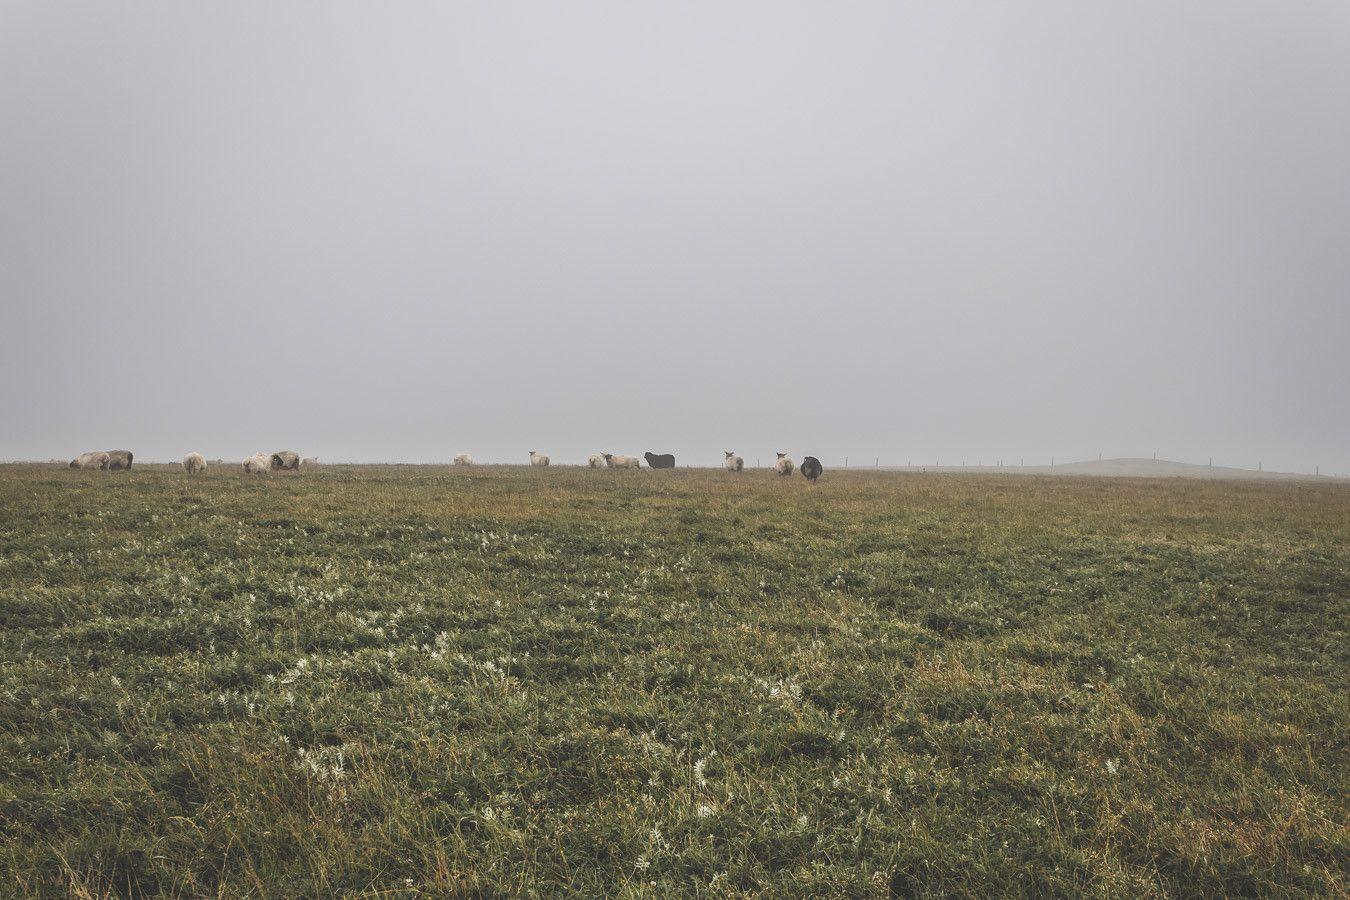 Des moutons et des champs verts à perte de vue